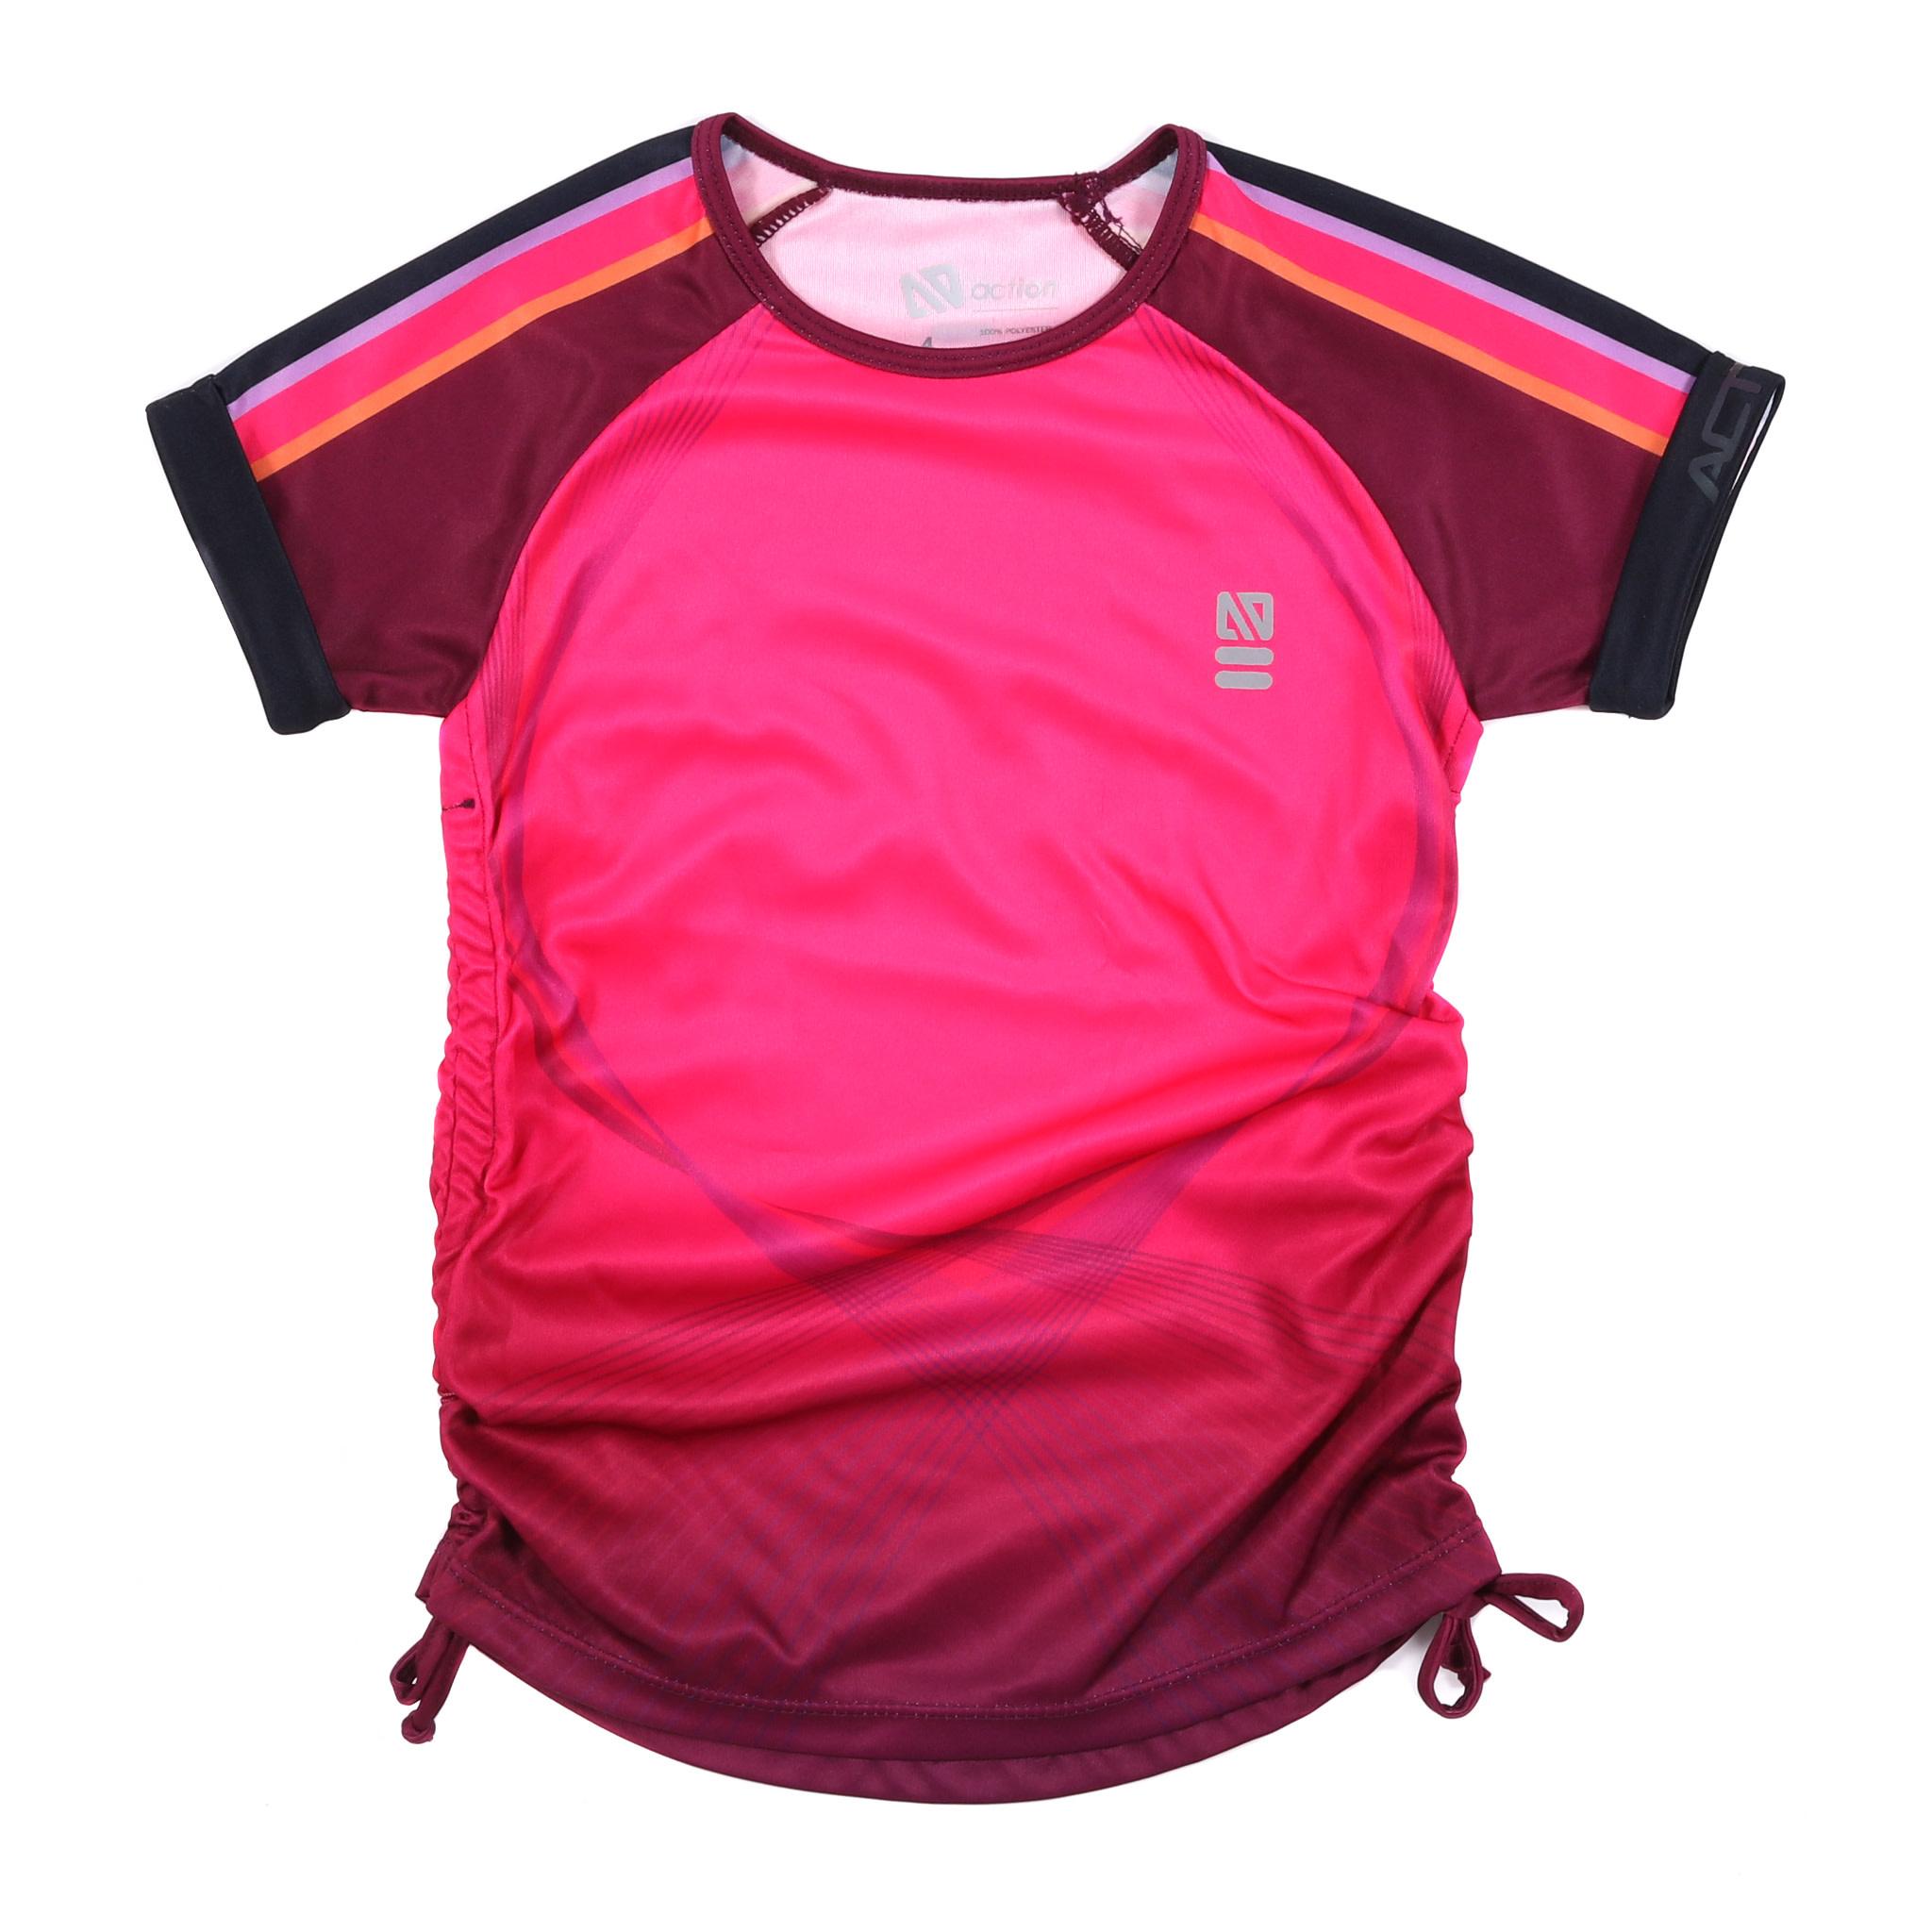 T-shirt athlétique - Sport et Chic-2